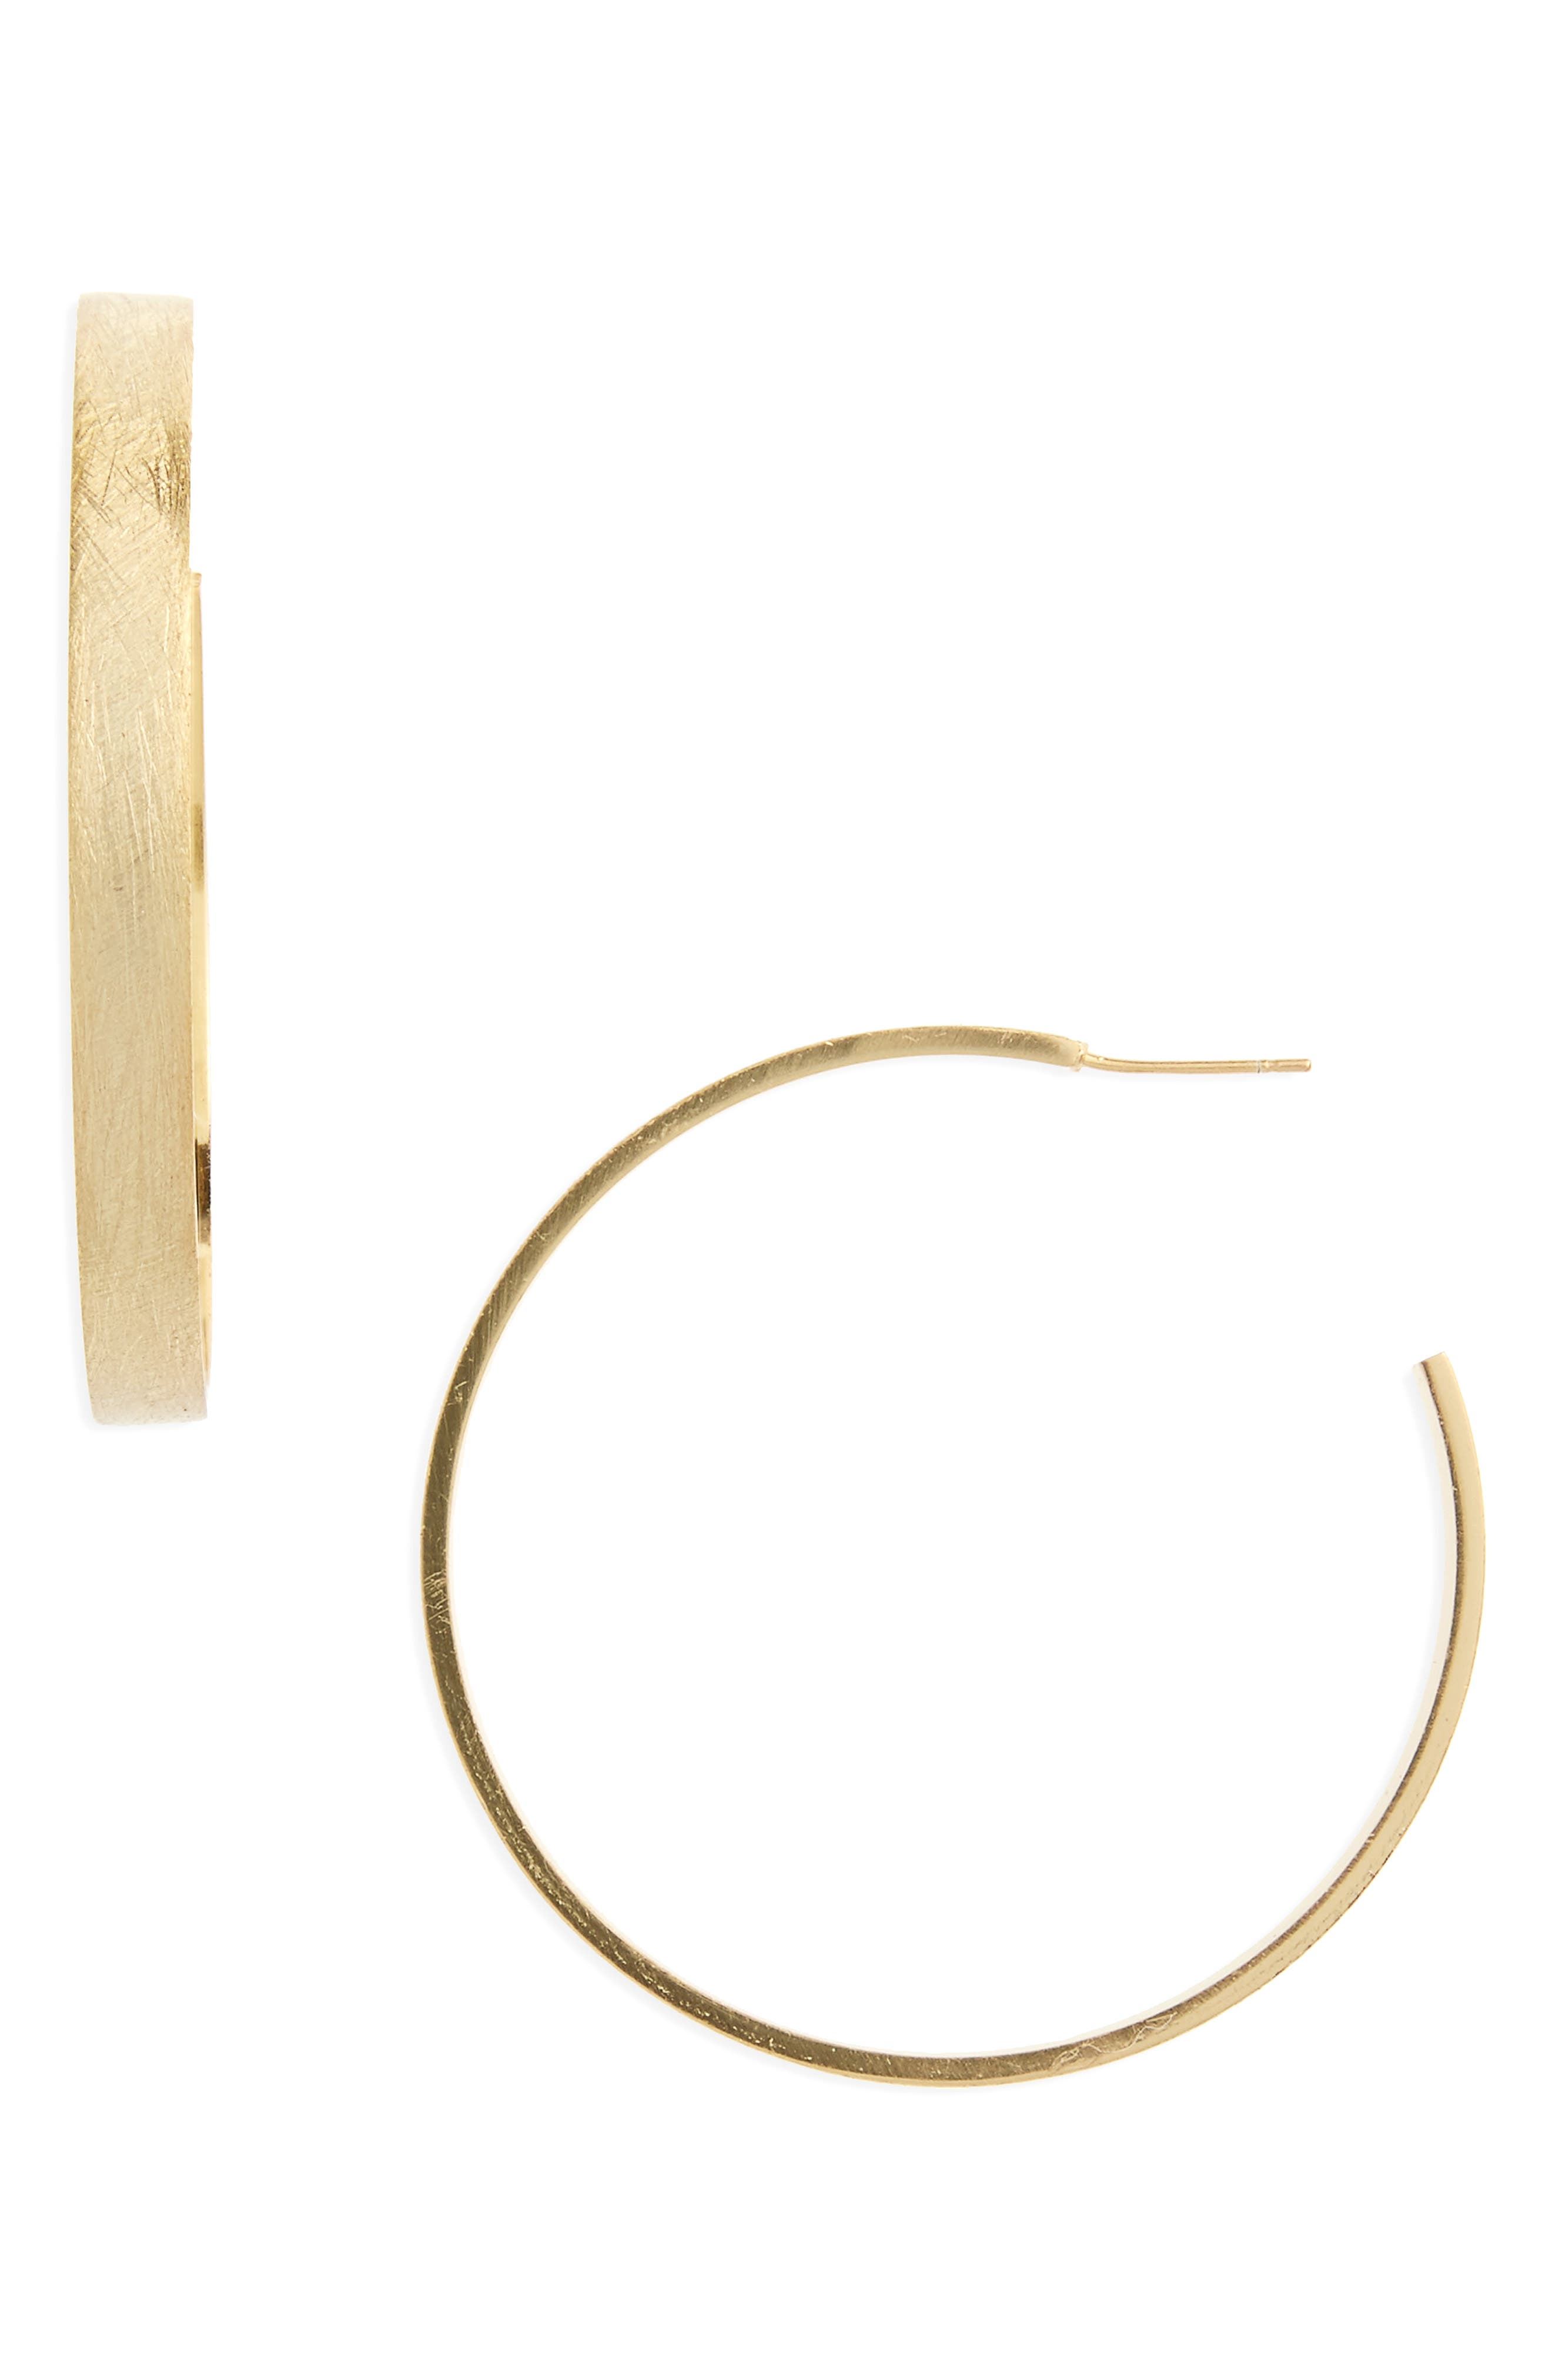 Alternate Image 1 Selected - Halogen® Large Brushed J-Hoop Earrings